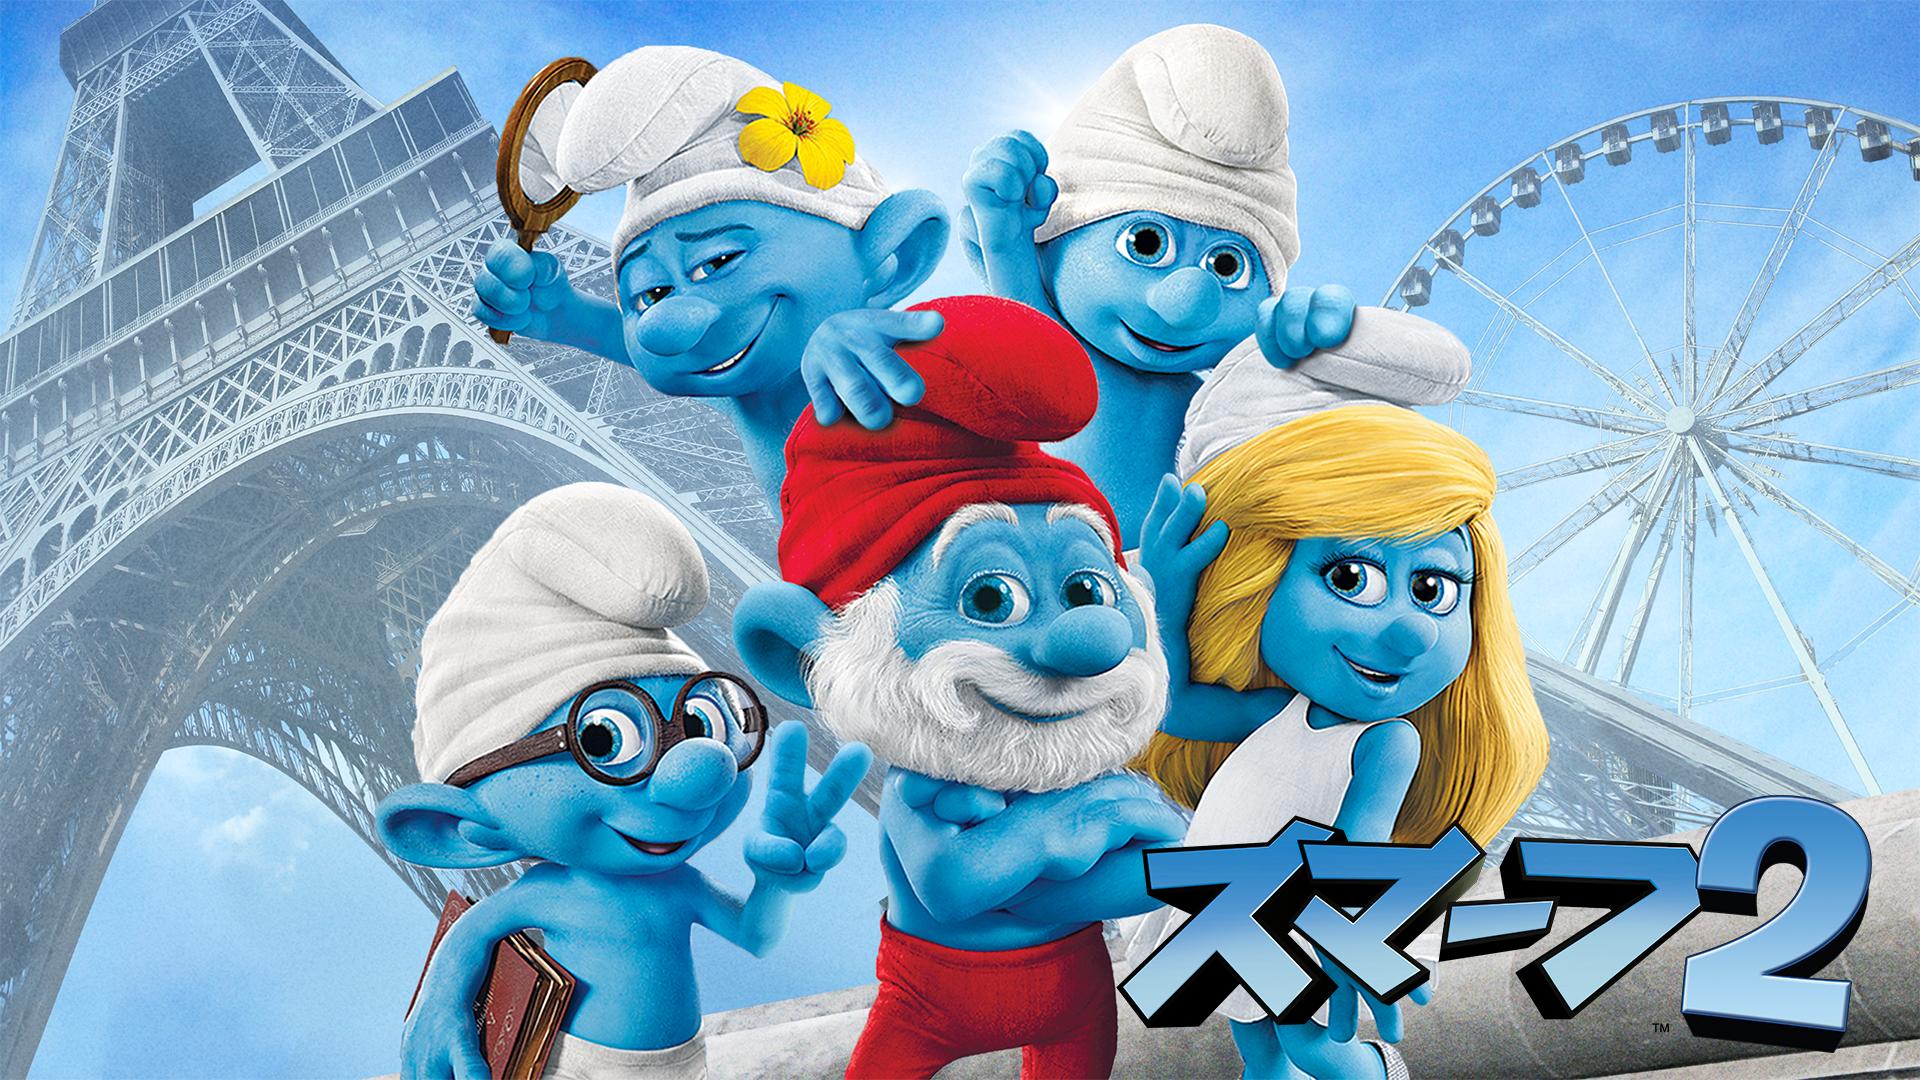 スマーフ2 アイドル救出大作戦!の動画 - スマーフ3 スマーフェットと秘密の大冒険